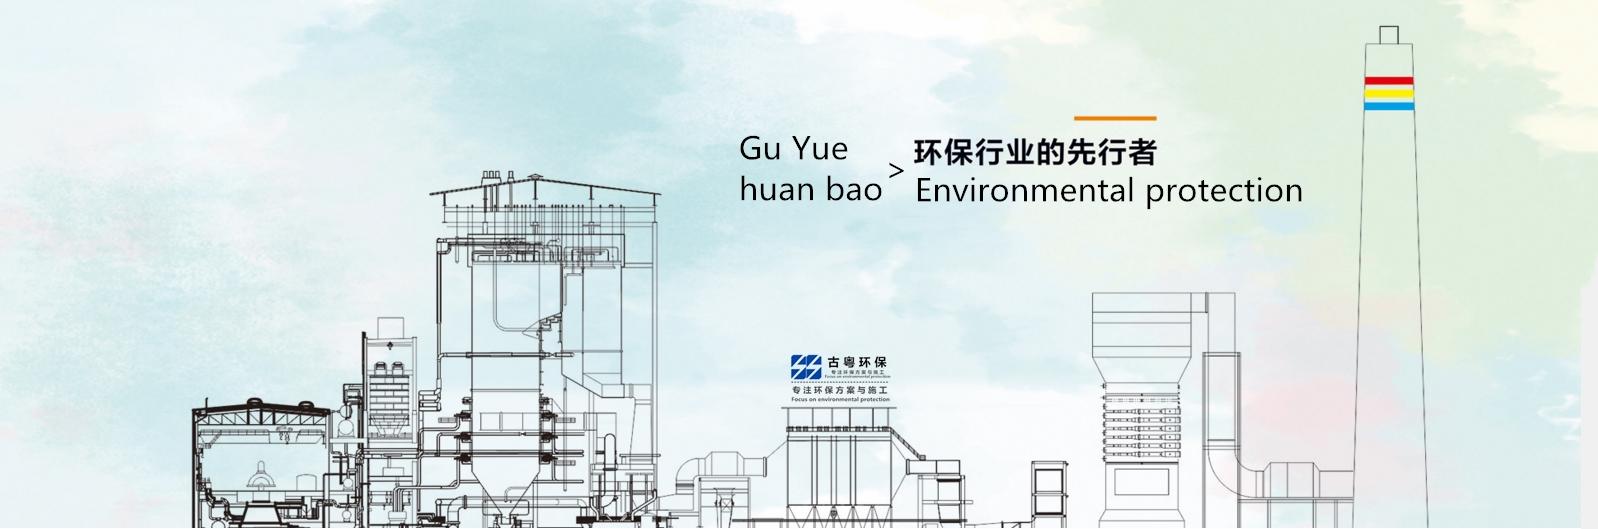 古粤环境治理方案提供商